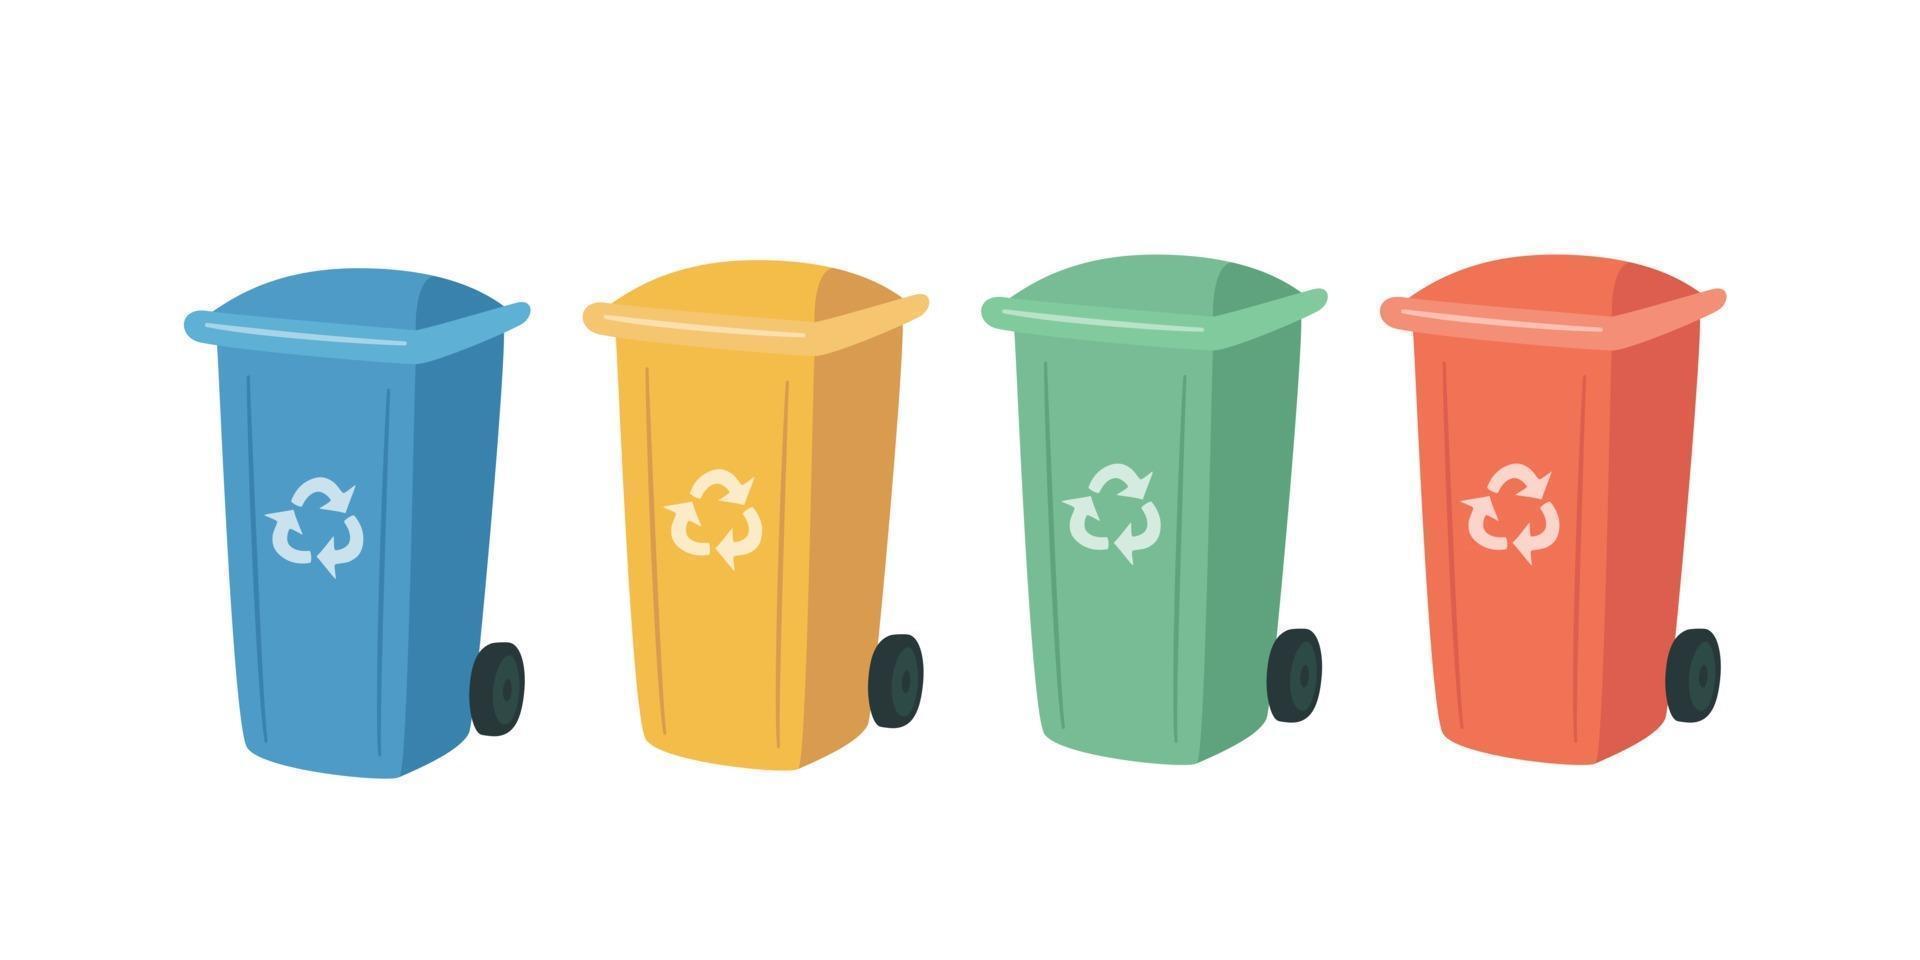 conteneurs pour le recyclage des déchets de tri. poubelles colorées 2982296 - Telecharger Vectoriel Gratuit, Clipart Graphique, Vecteur Dessins et Pictogramme Gratuit